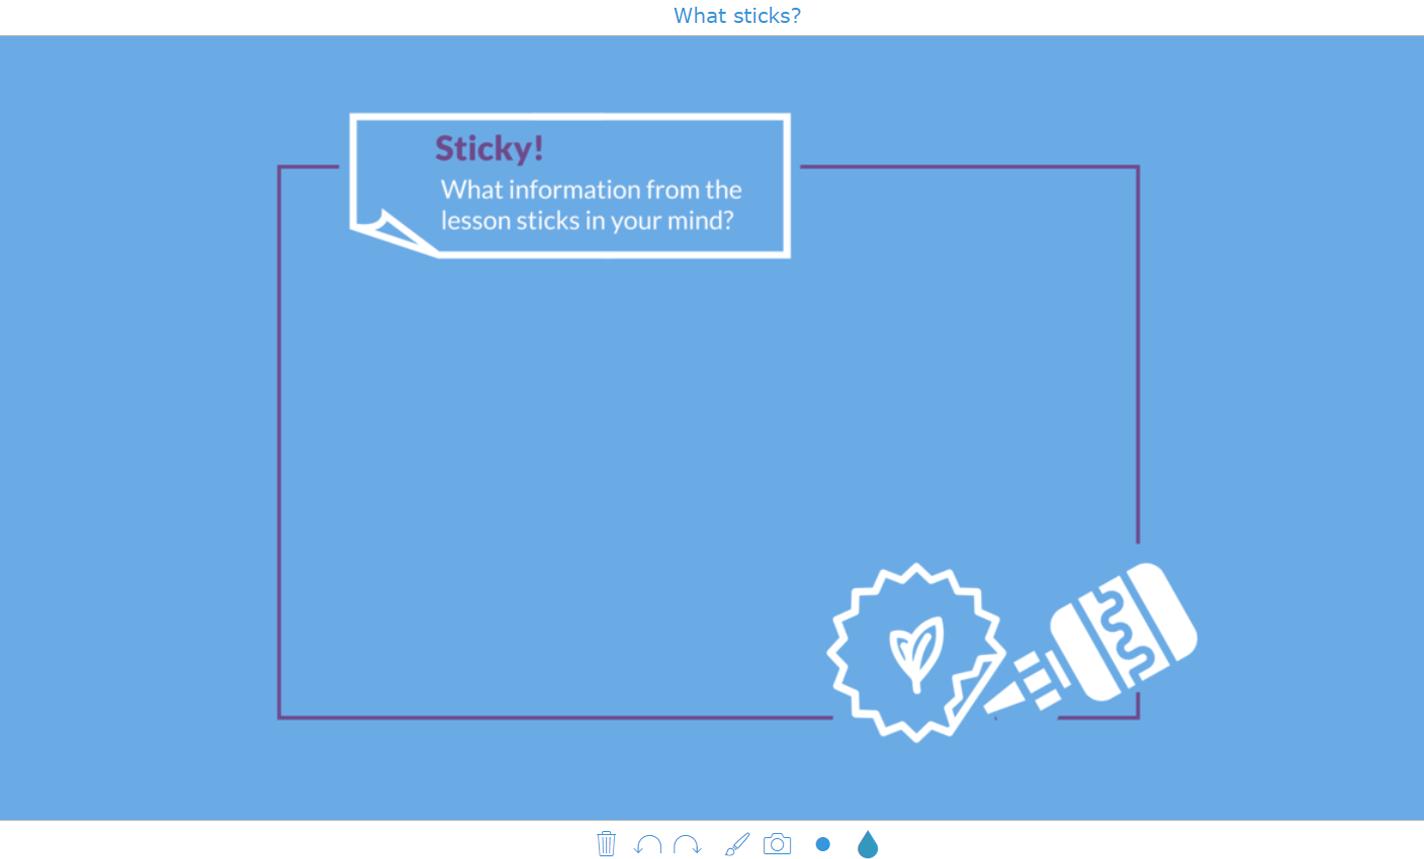 digital exit ticket - What sticks?